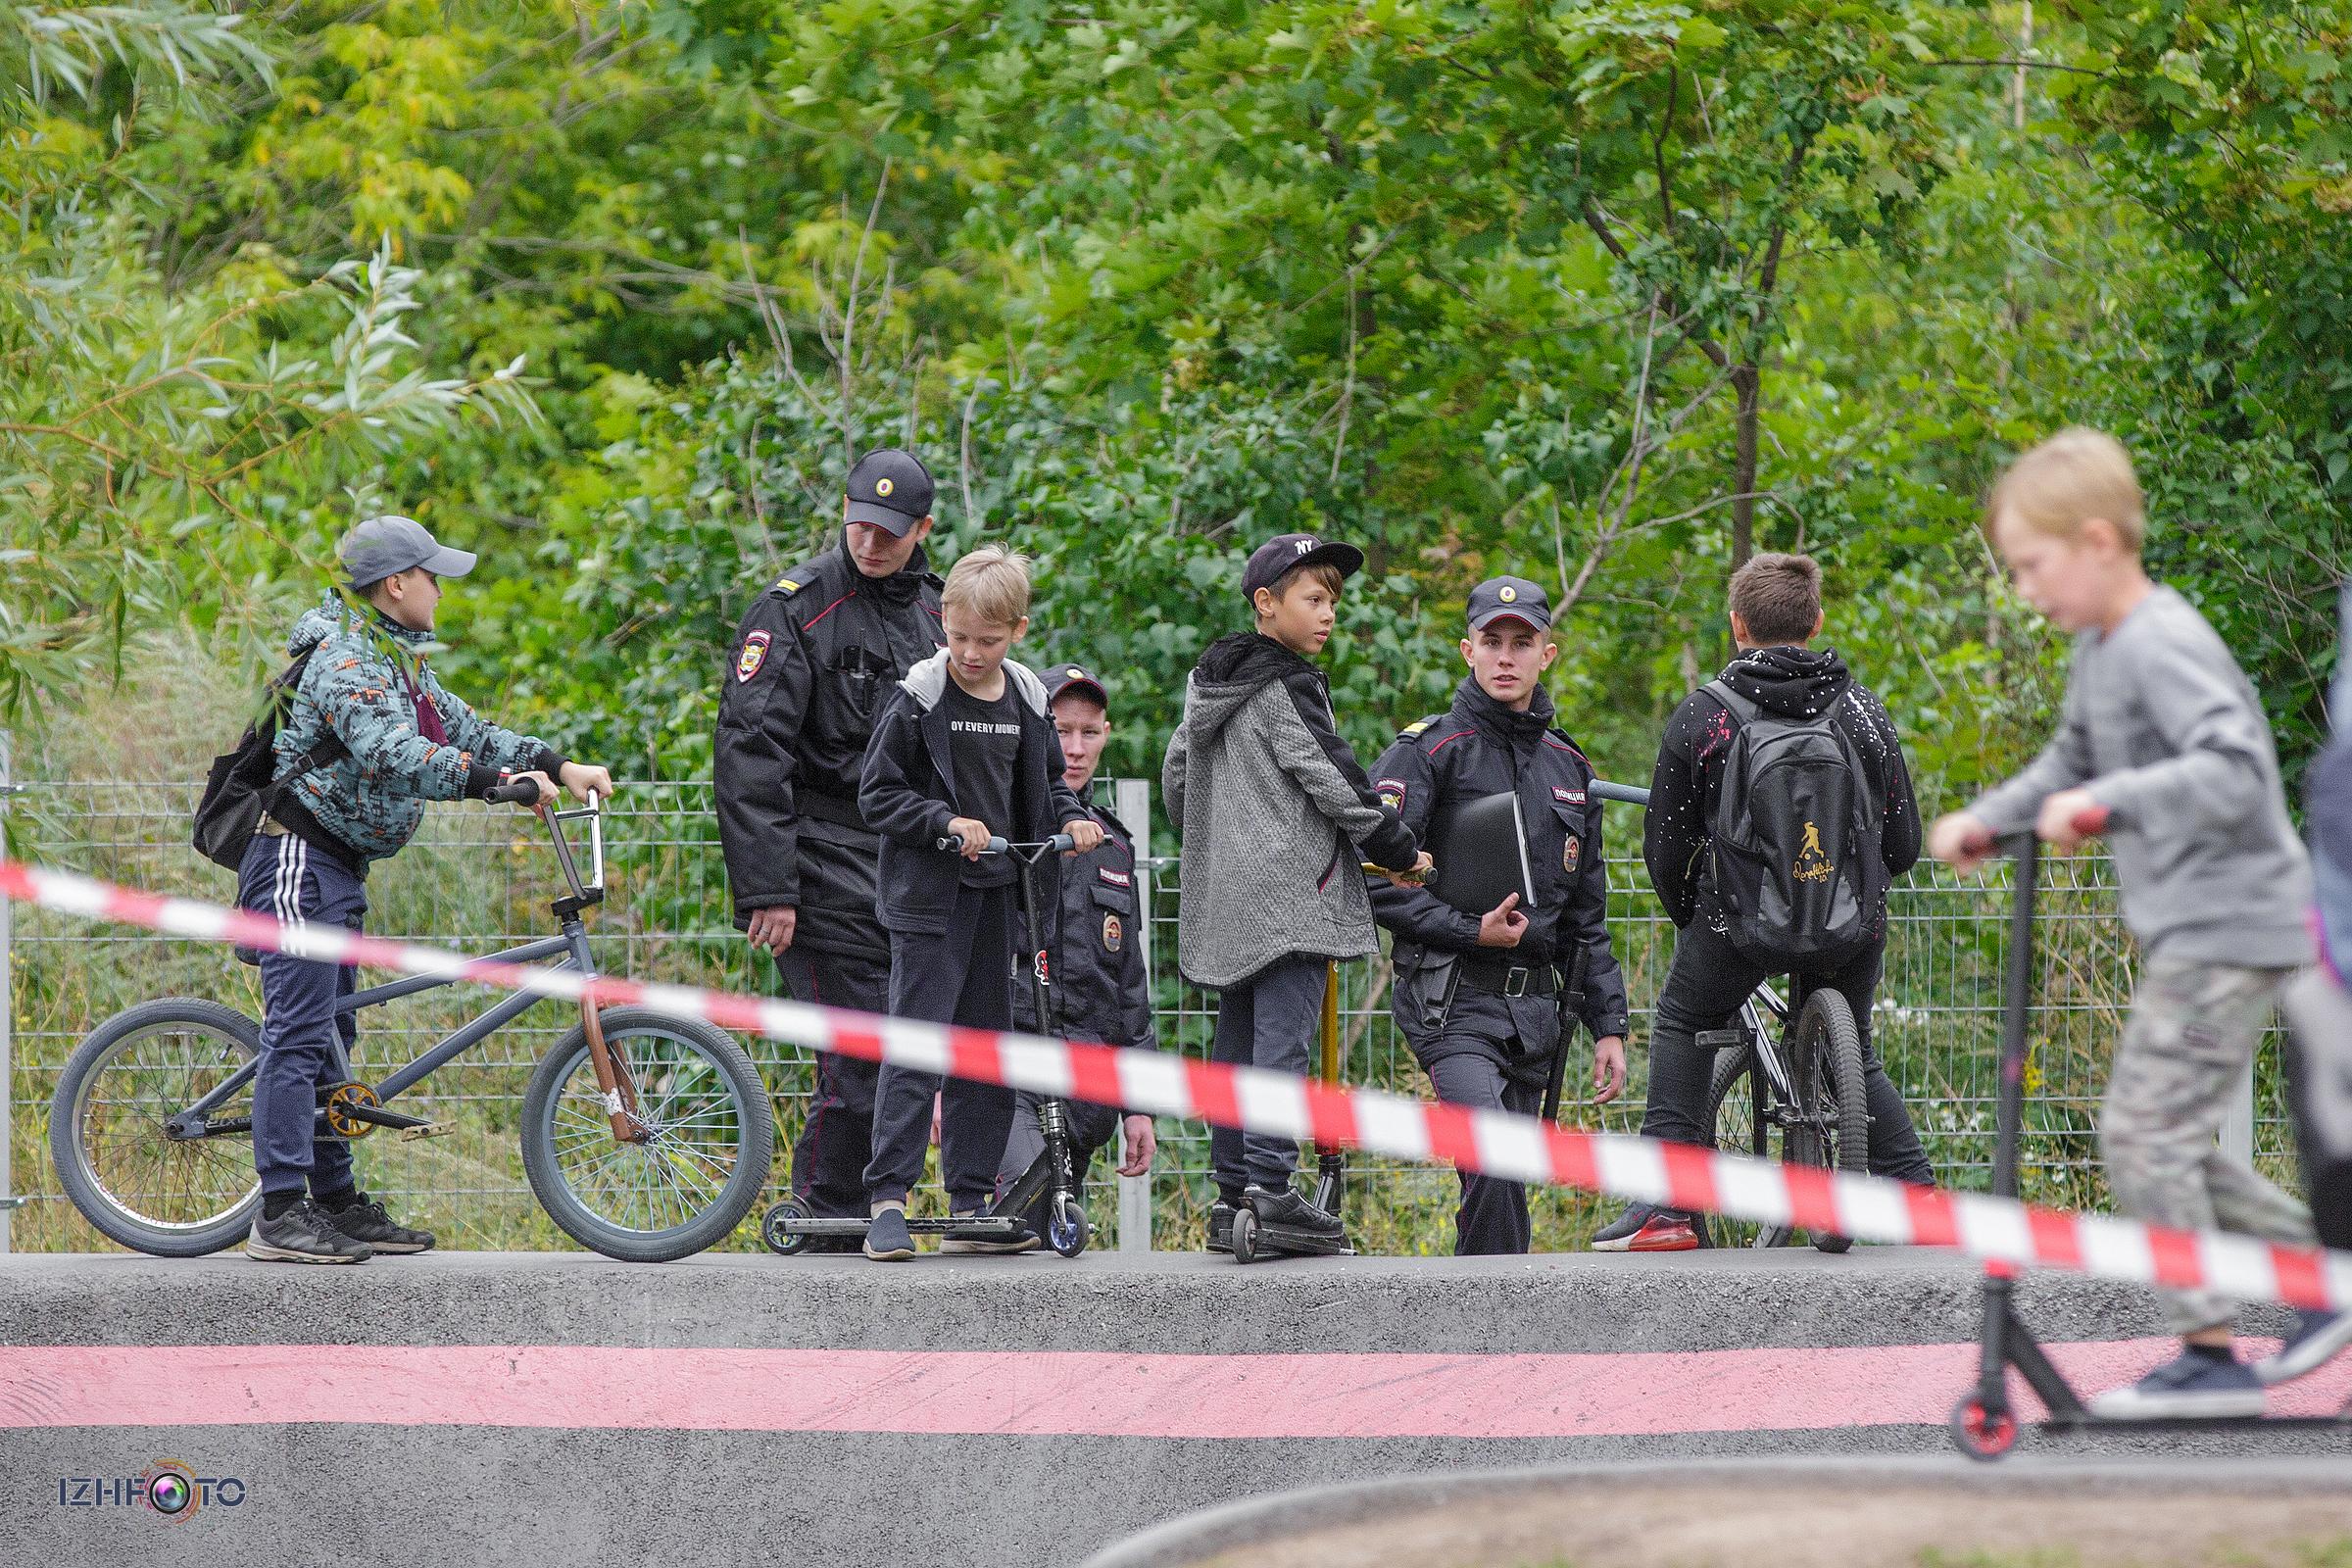 юные велосипедисты  и сотрудники полиции фото